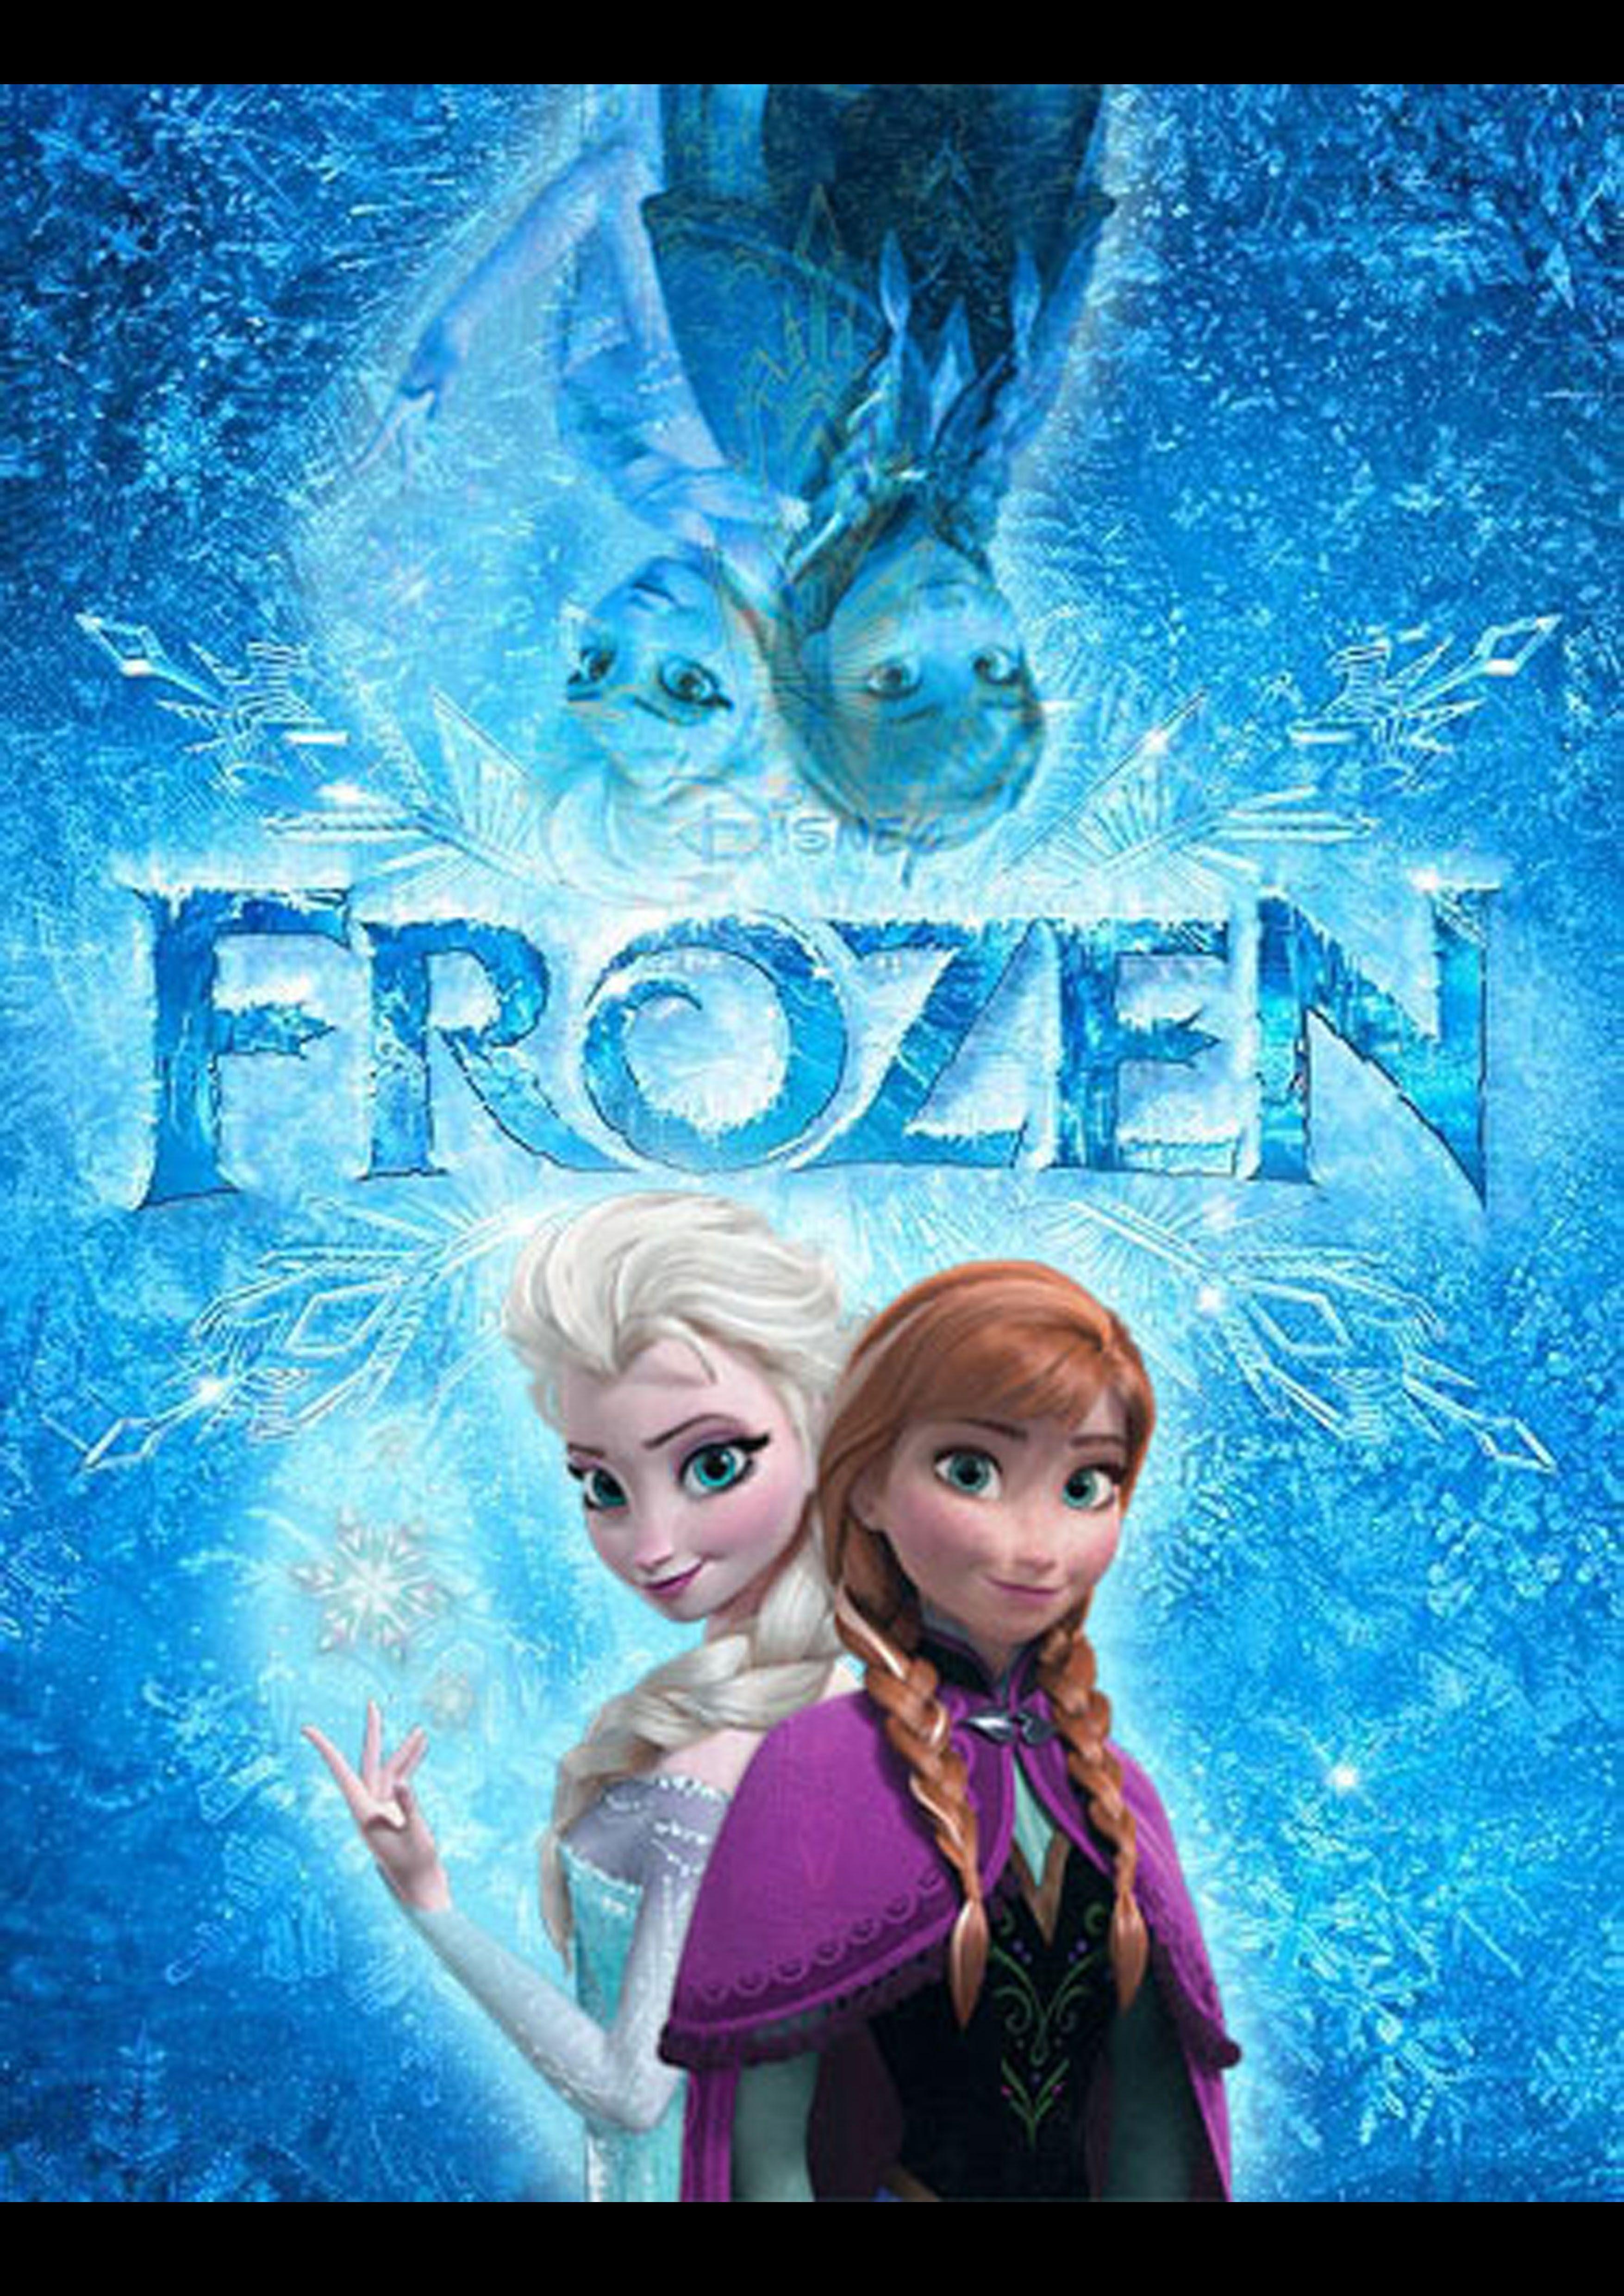 Think, Disney frozen movie look